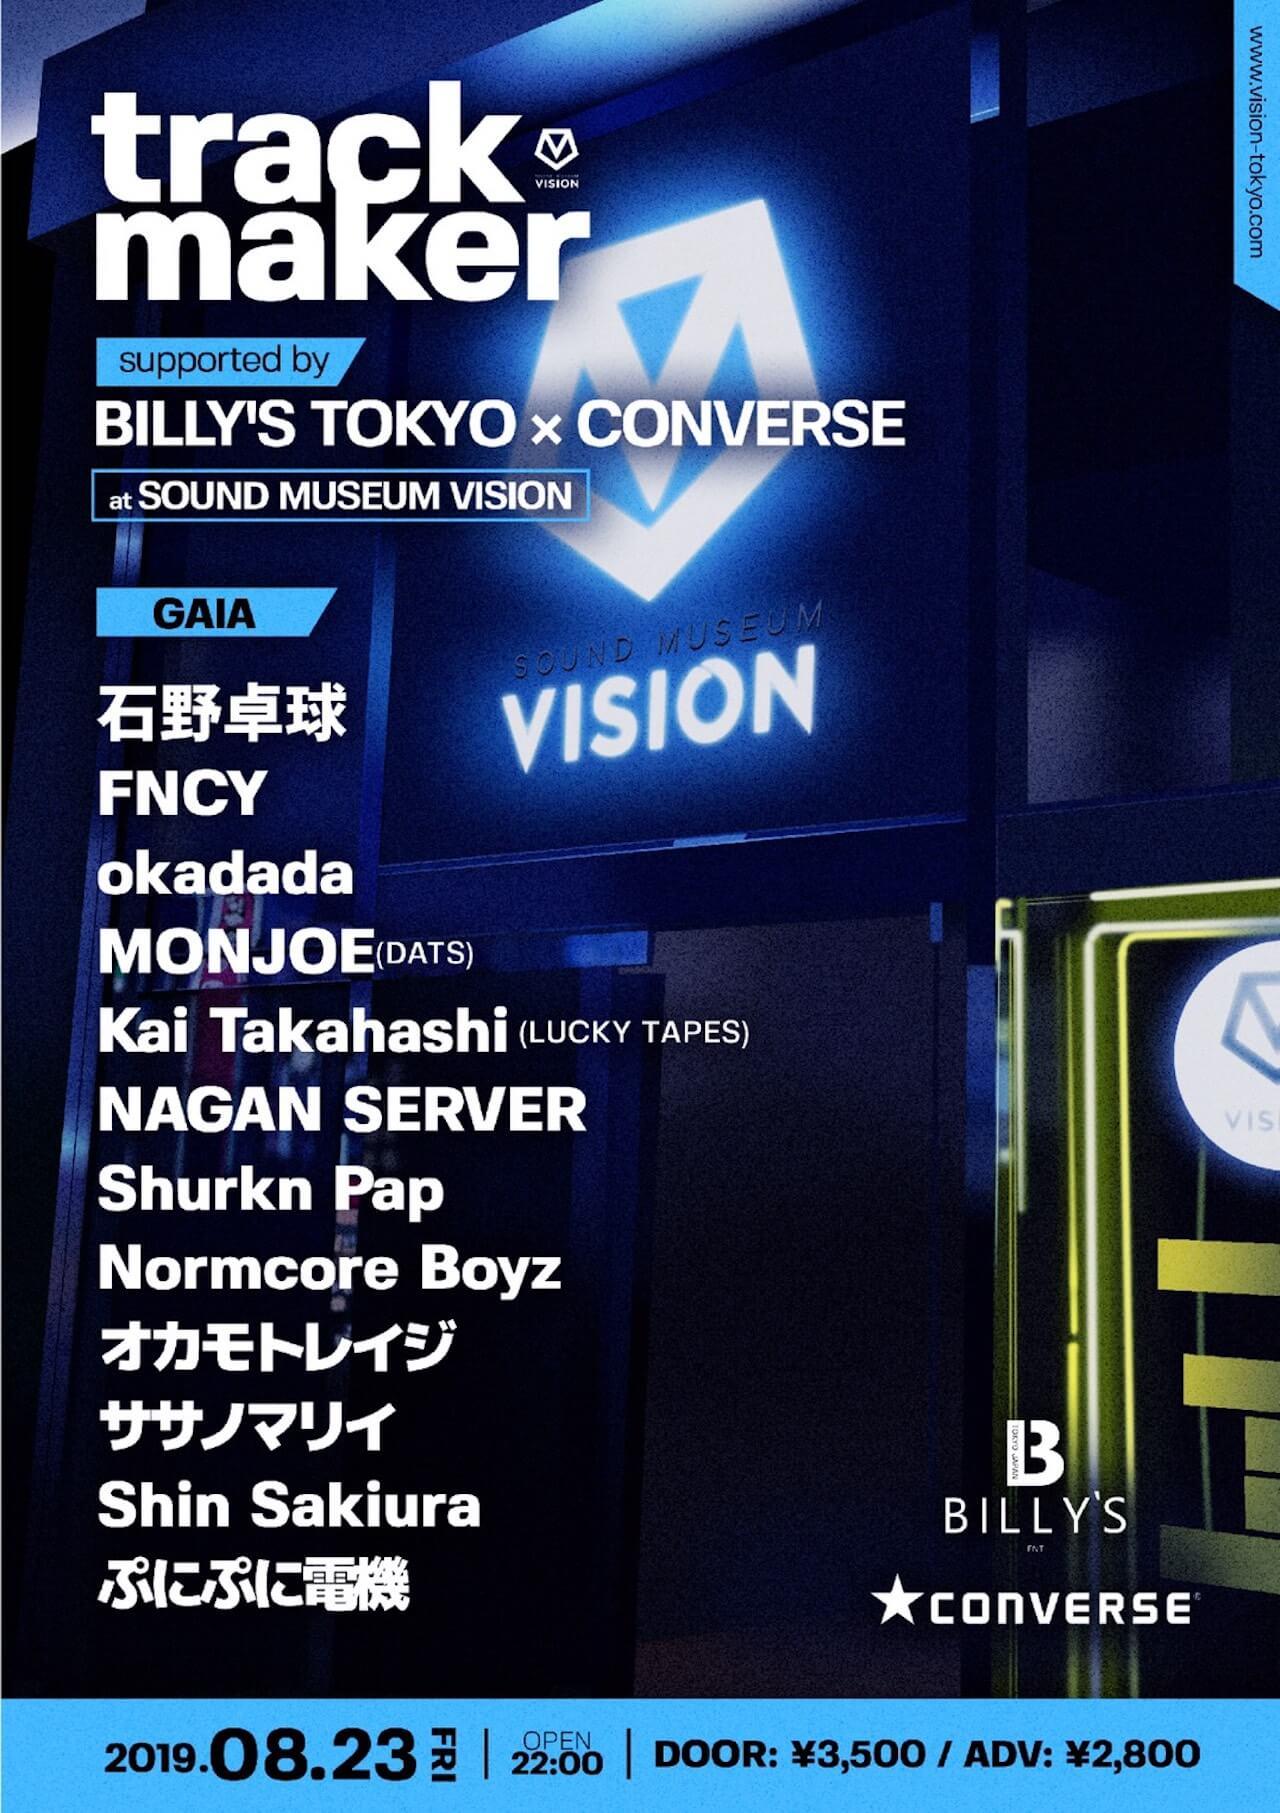 石野卓球、okadada、FNCY、Shurkn Pap、ササノマリイらが登場!<trackmaker>が8月23日に開催! music190814-trackmaker-1